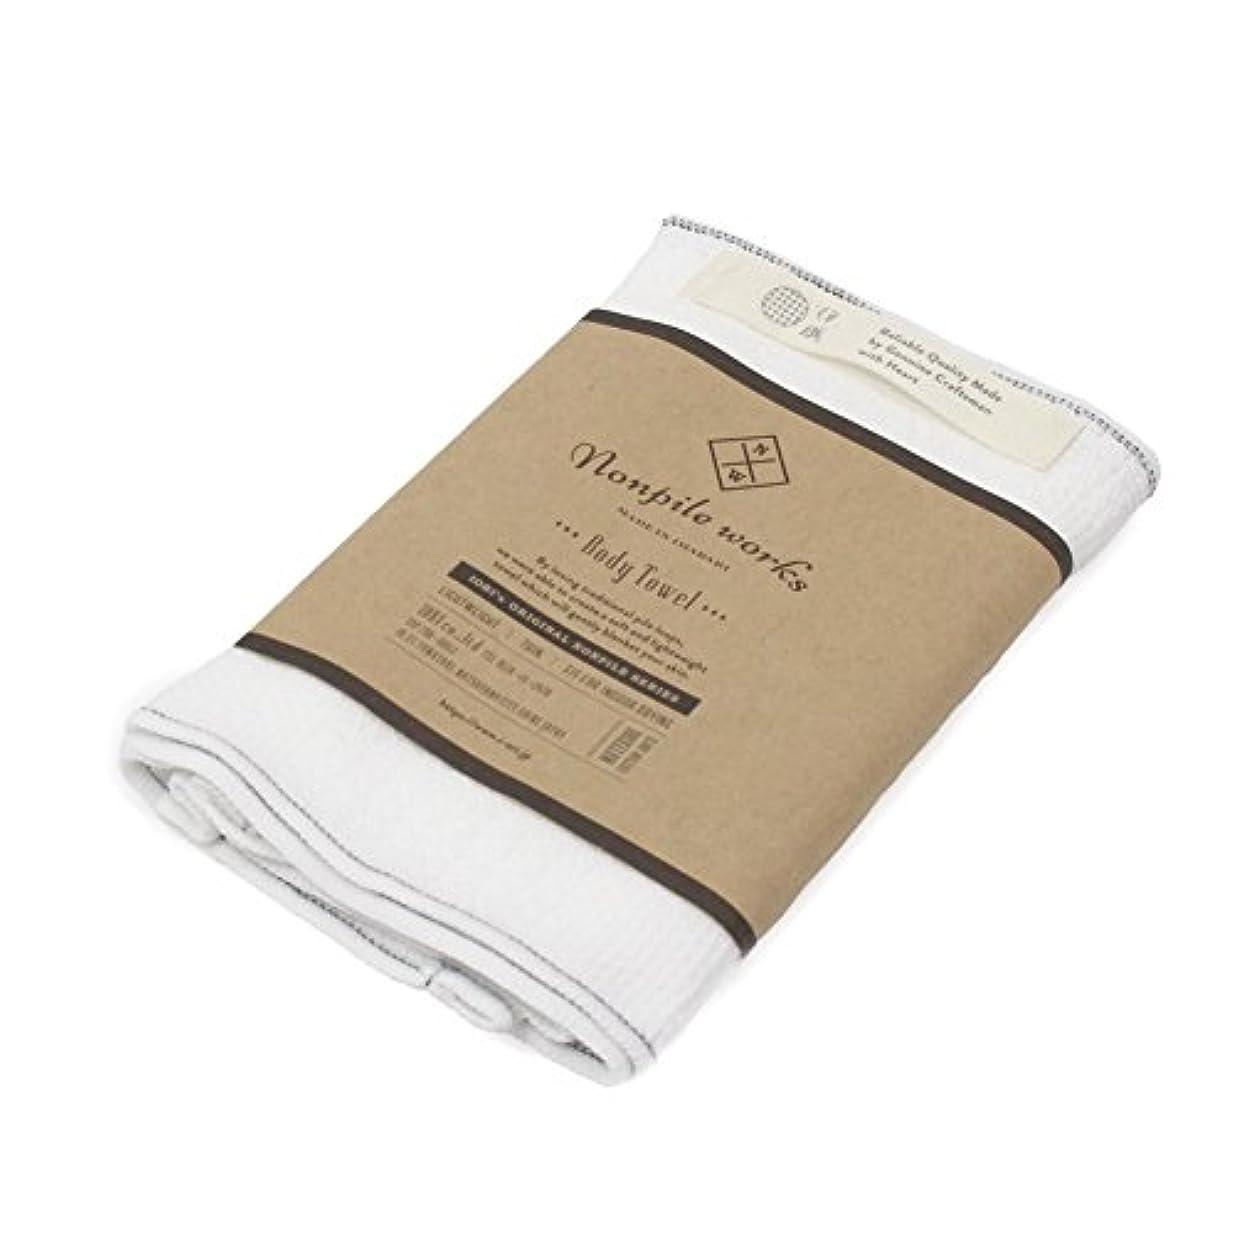 神話無臭印象的今治産 ボディタオル 16x85cm nonpile works Body Towel 伊織 (ホワイト)